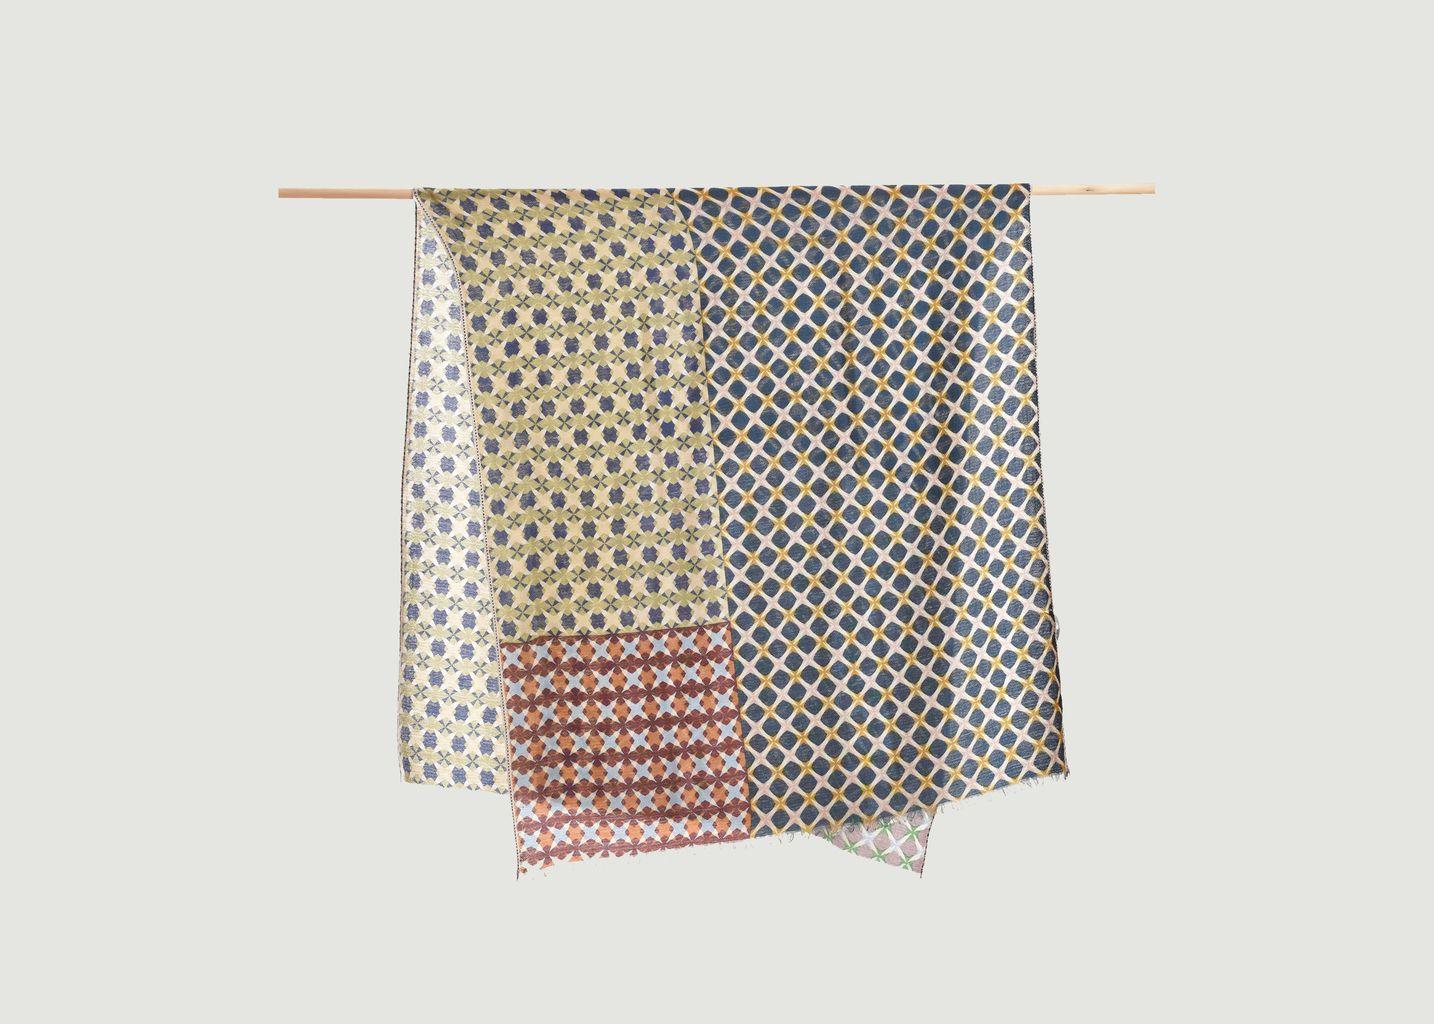 Echarpe motif géométrique en laine et cachemire - Epice